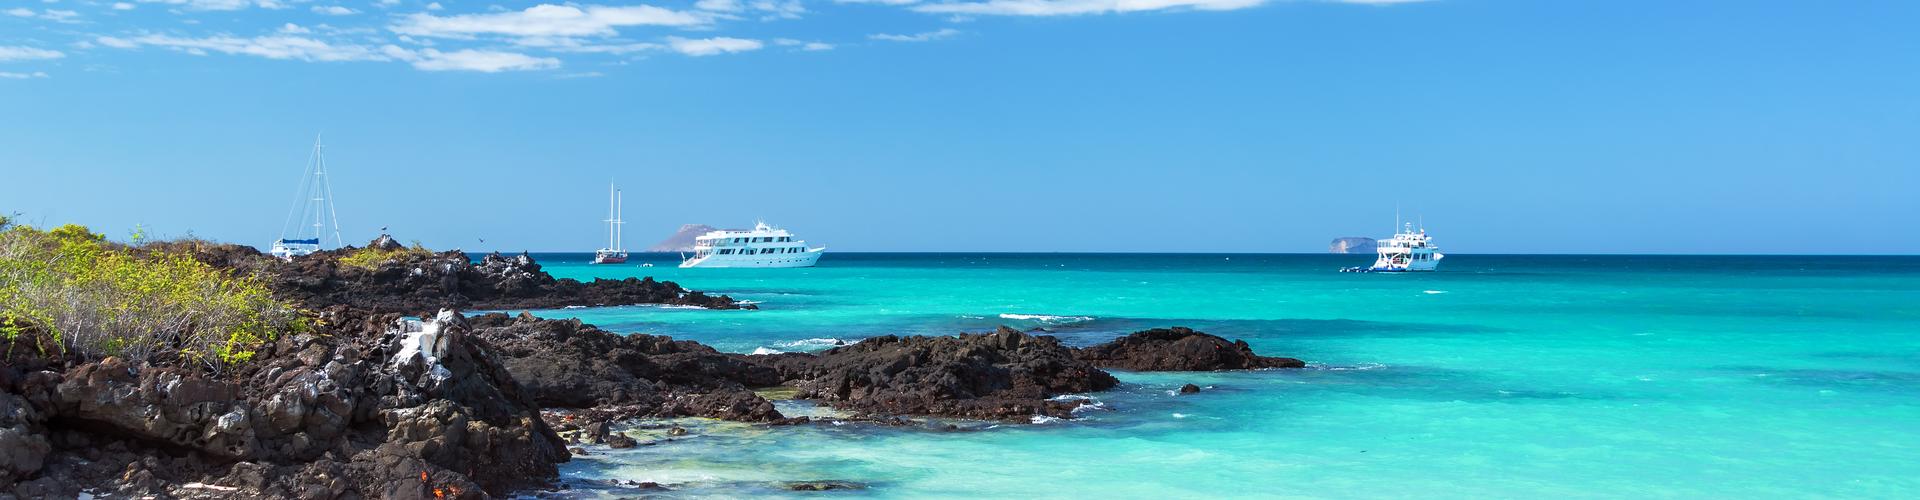 Galapagos Explorer – Central Islands (Grand Queen Beatriz)